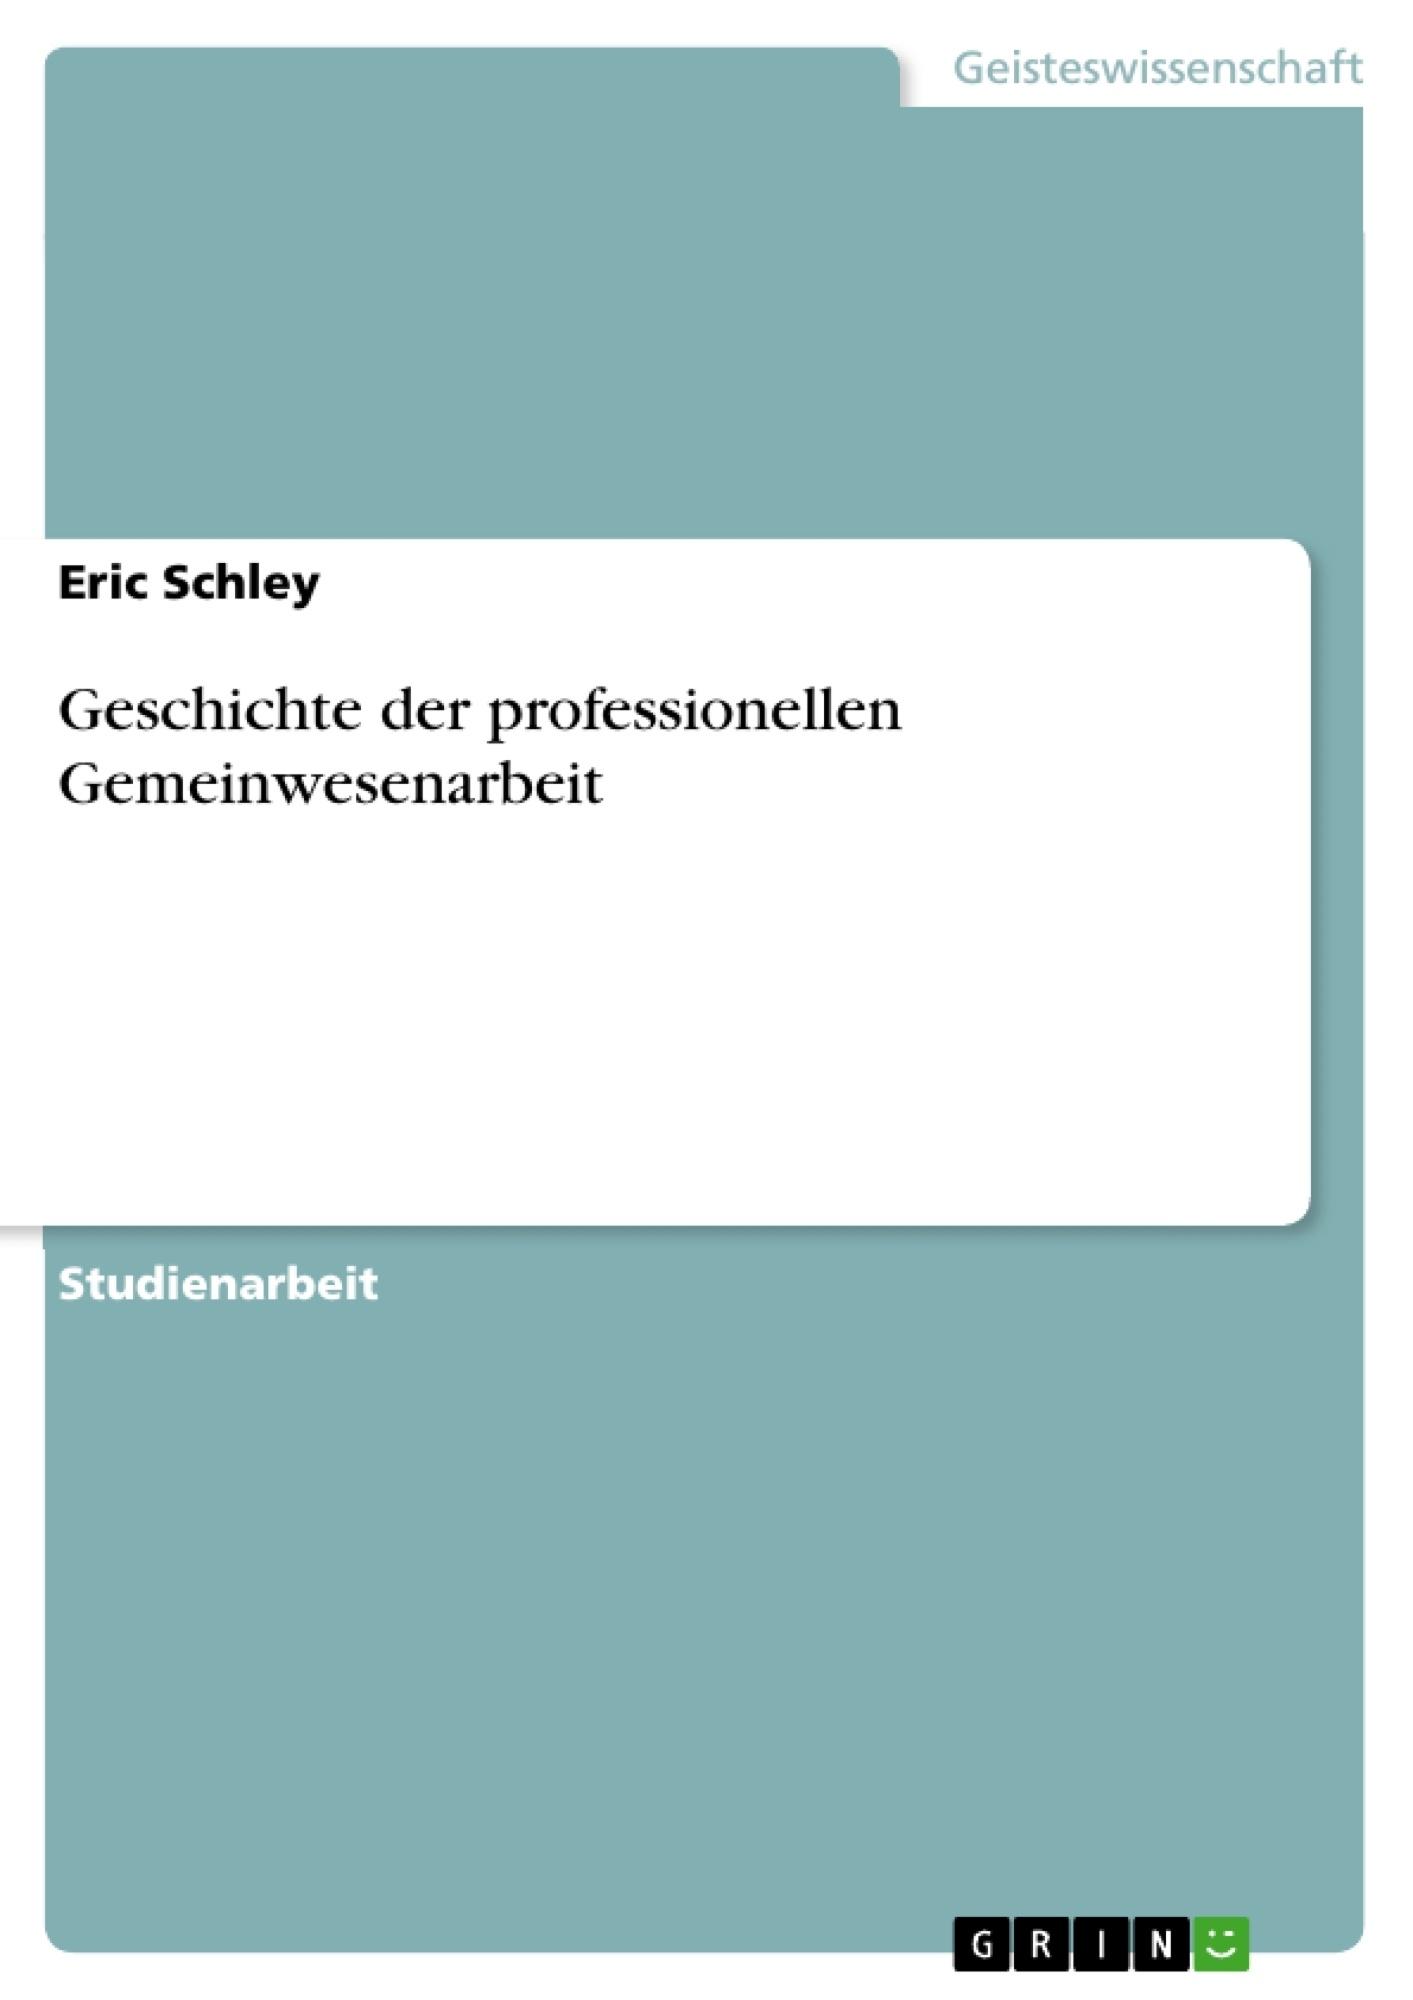 Titel: Geschichte der professionellen Gemeinwesenarbeit